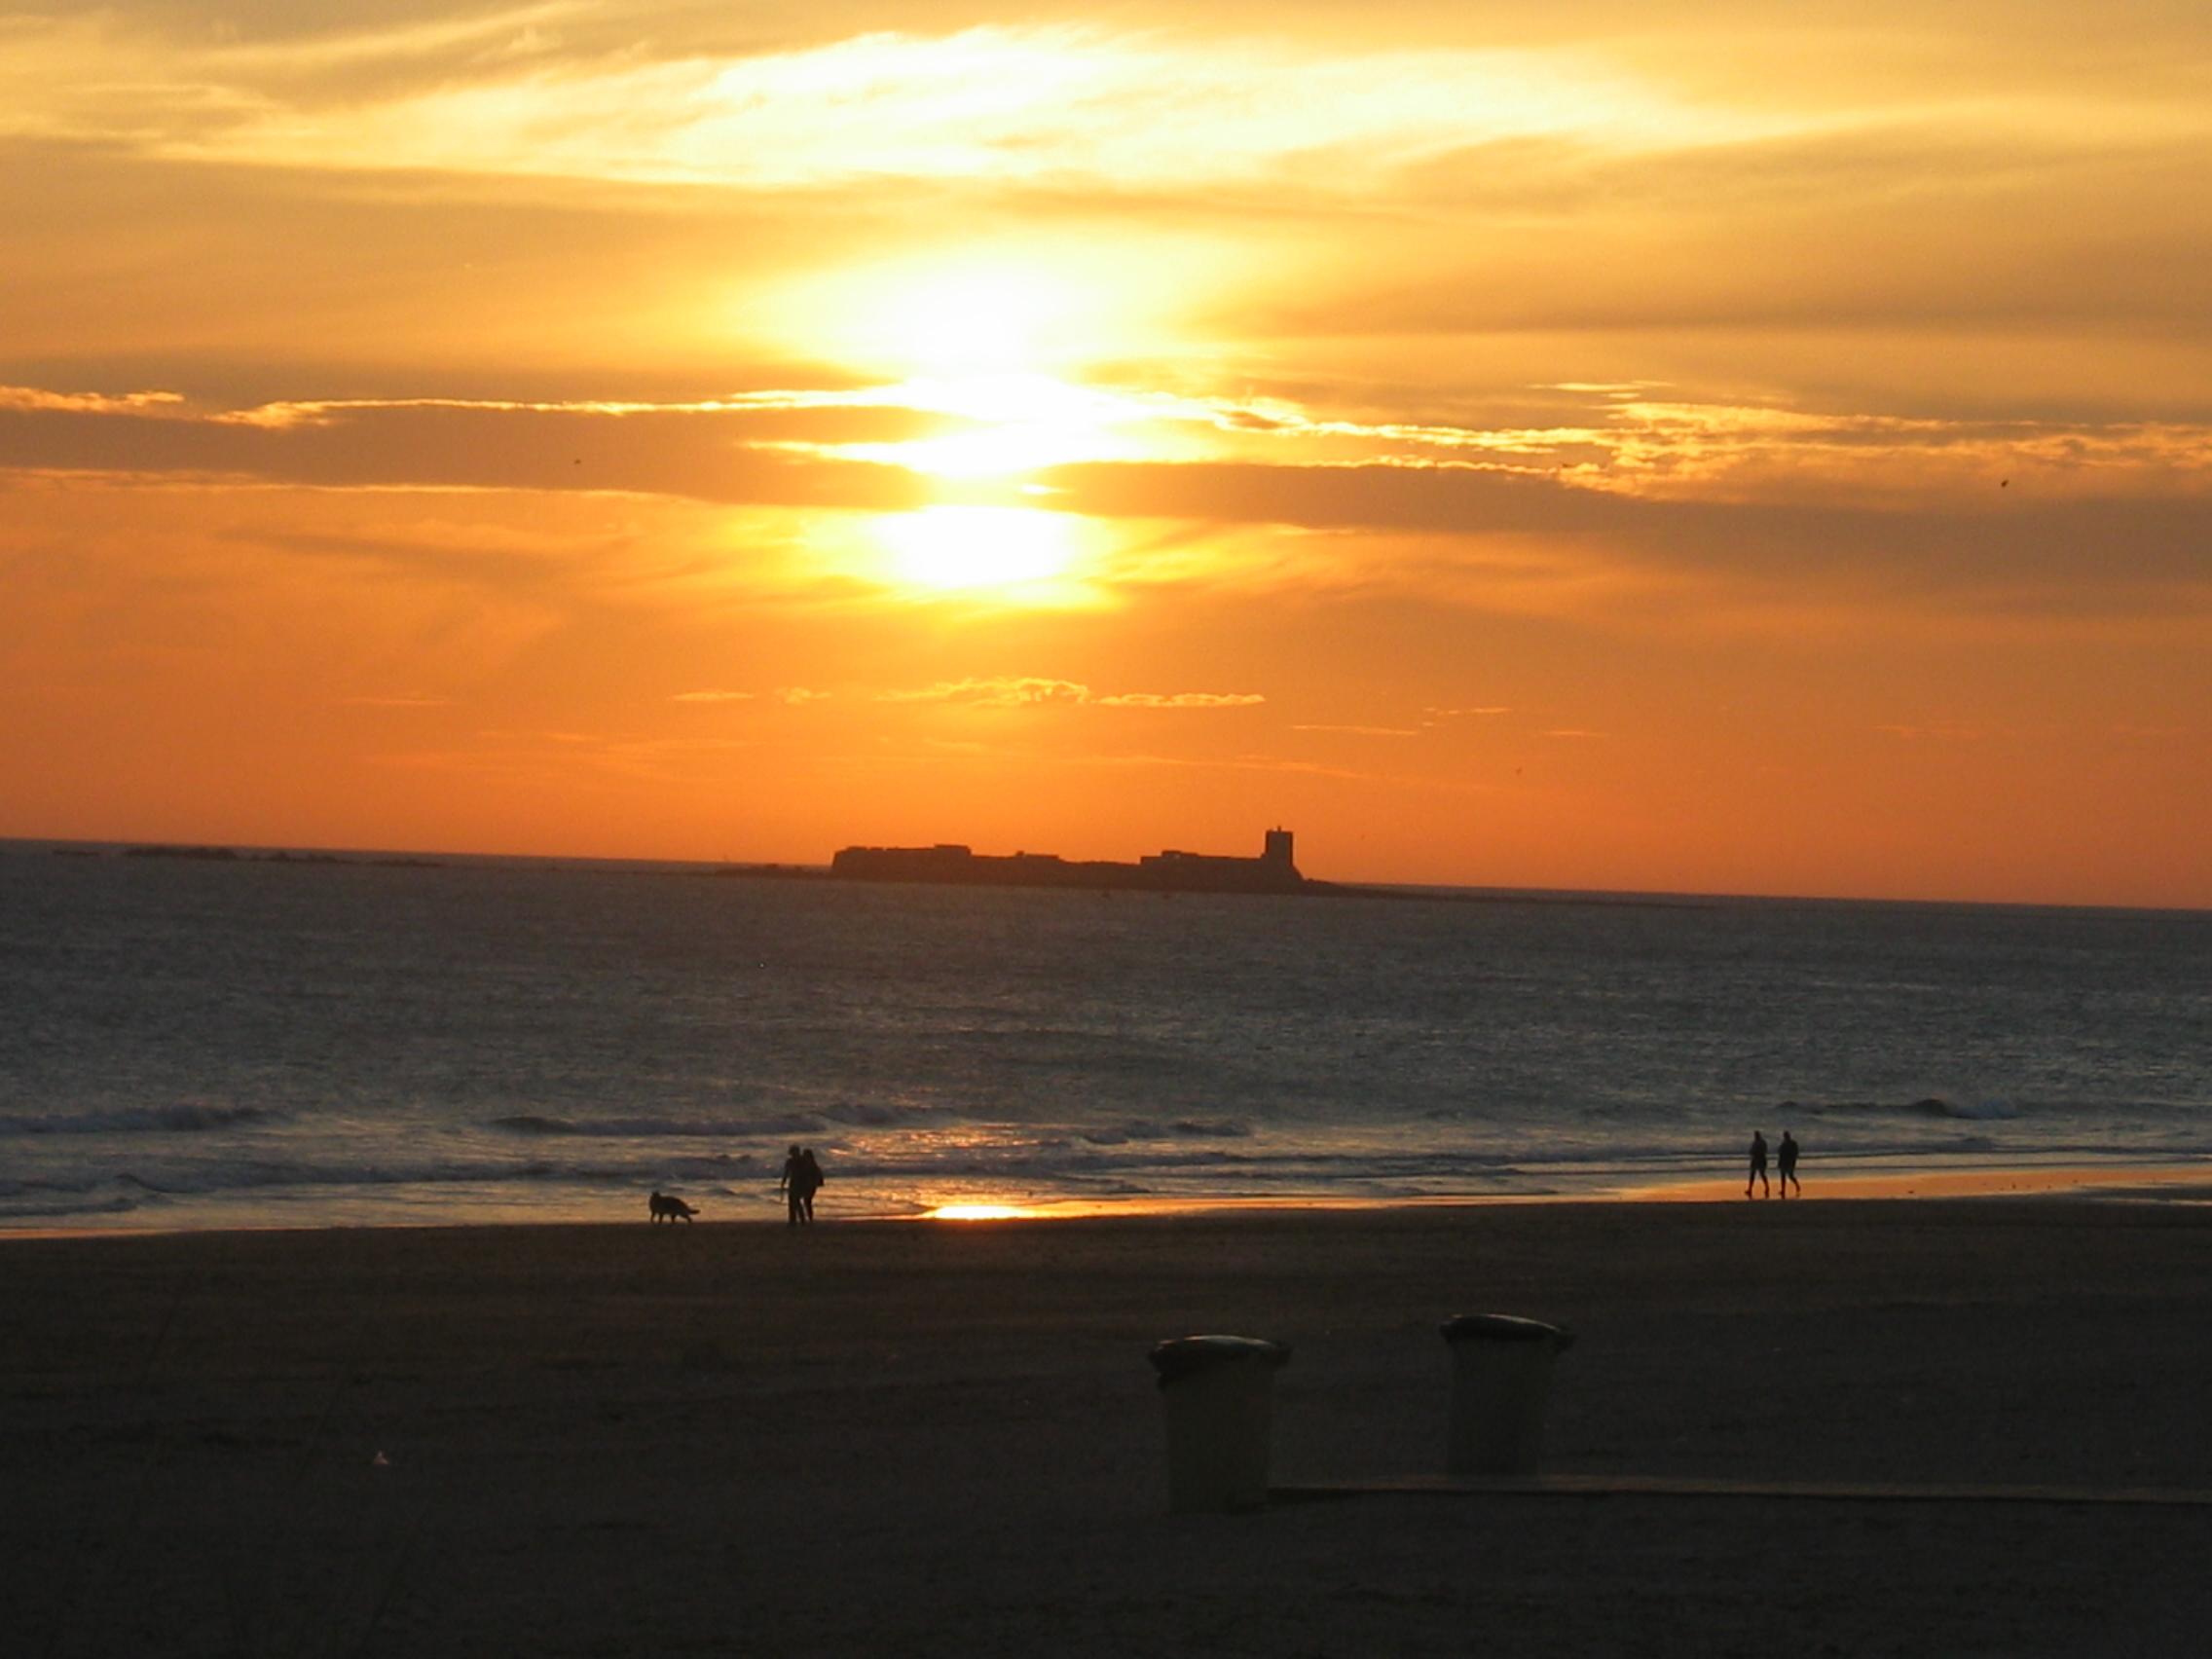 Foto playa El Puerco / La loma del puerco. Merece la pena contemplar las puestas de sol por el Atlántico